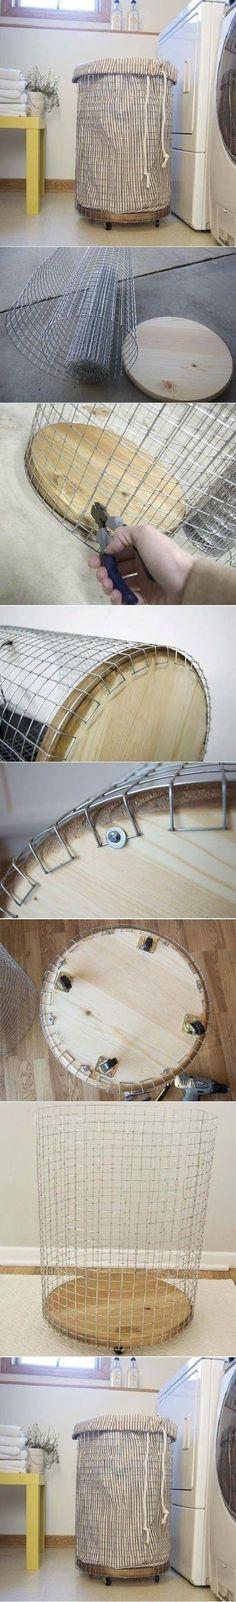 Laundry Basket | Como fazer um cesto de roupas